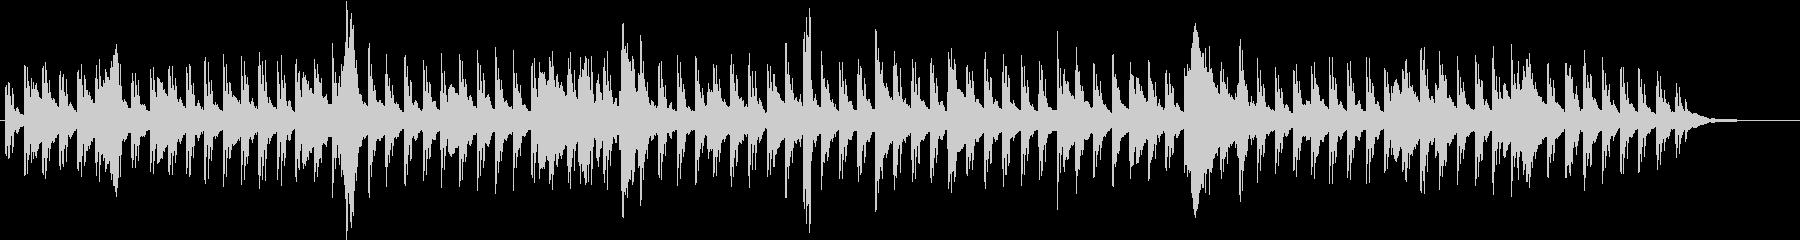 涼しげピアノBGM水滴をイメージの未再生の波形